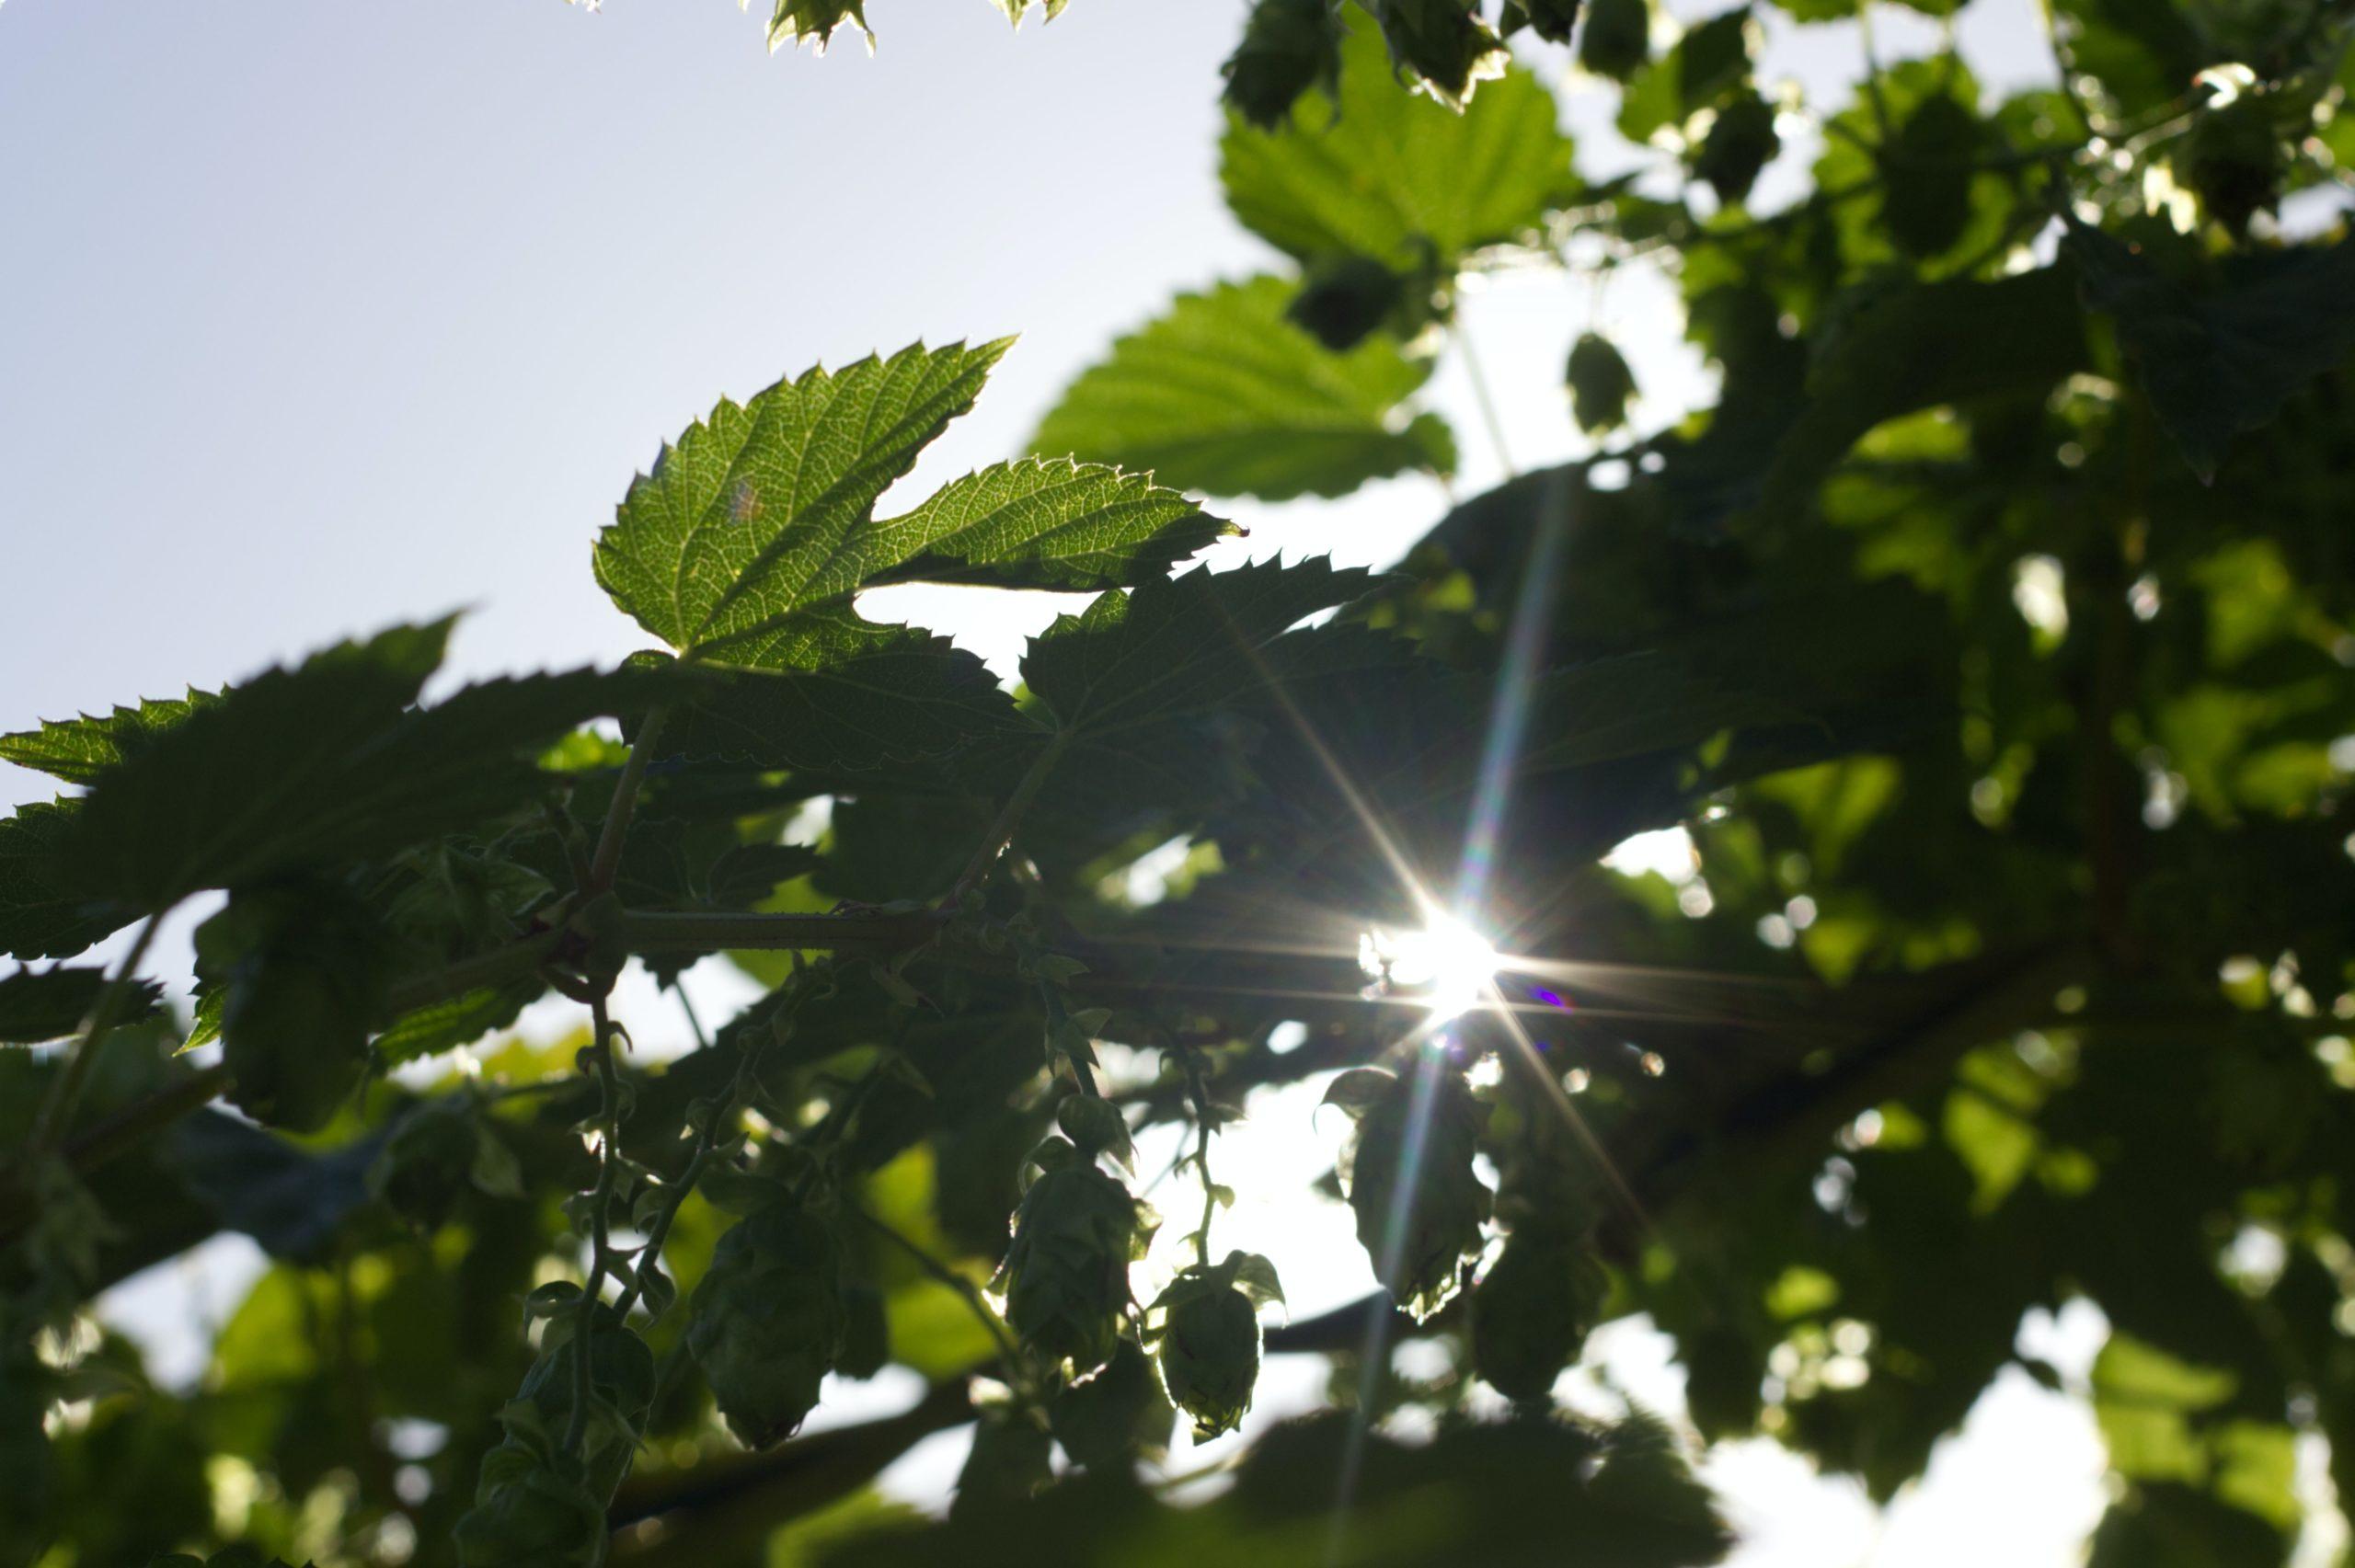 Manifiesto ecologista, significado de sostenibilidad